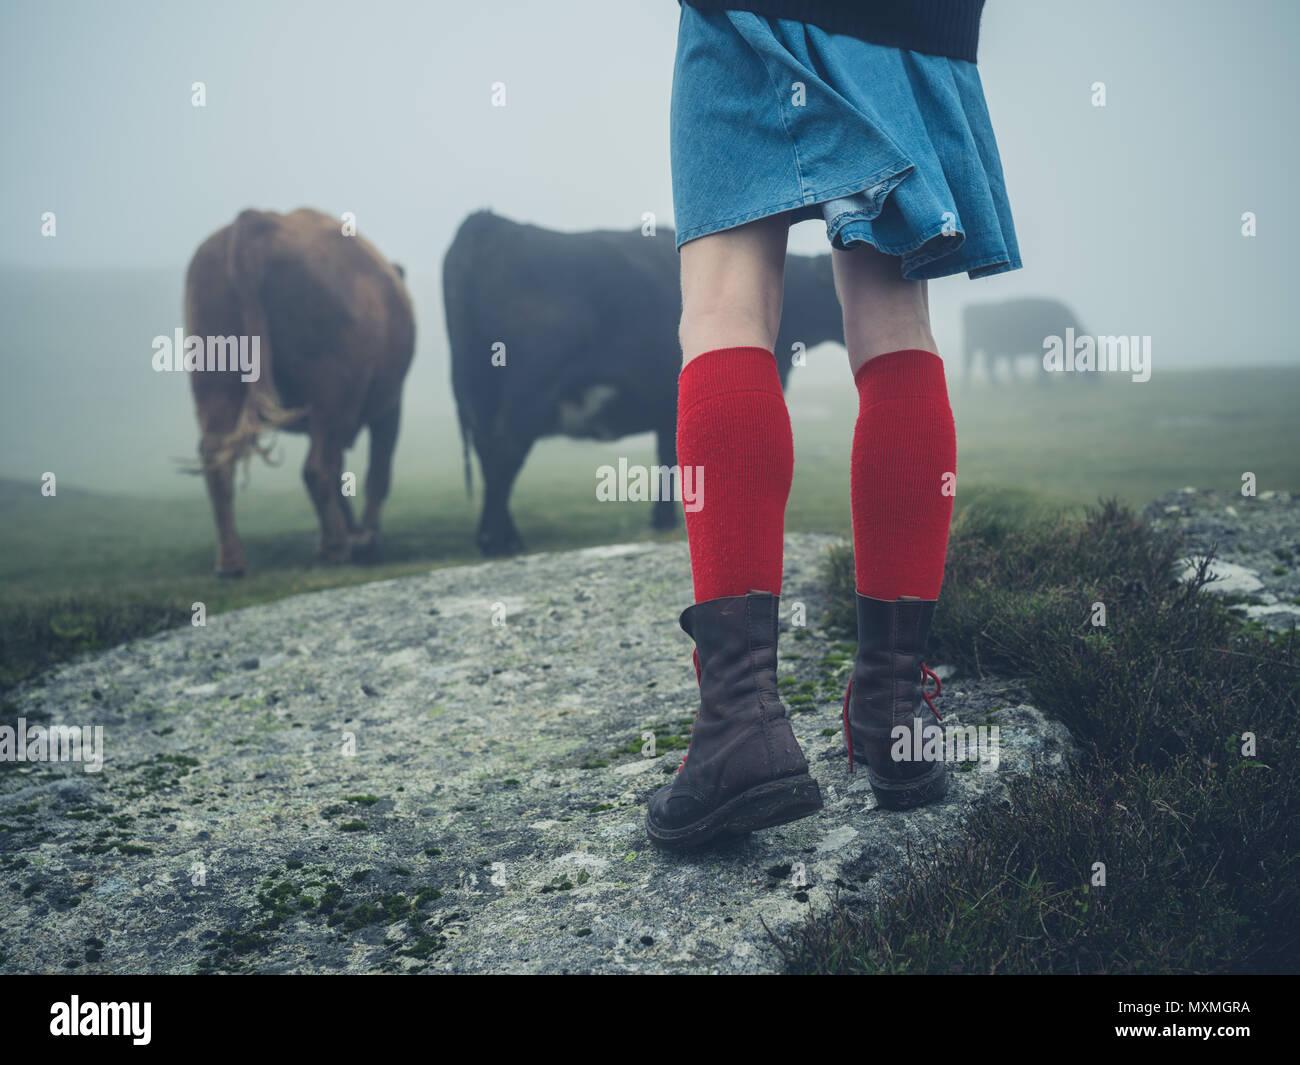 Una giovane donna che indossa calzini rossi e scarpe da trekking è a piedi in moro nella nebbia nei pressi di alcune mucche Immagini Stock